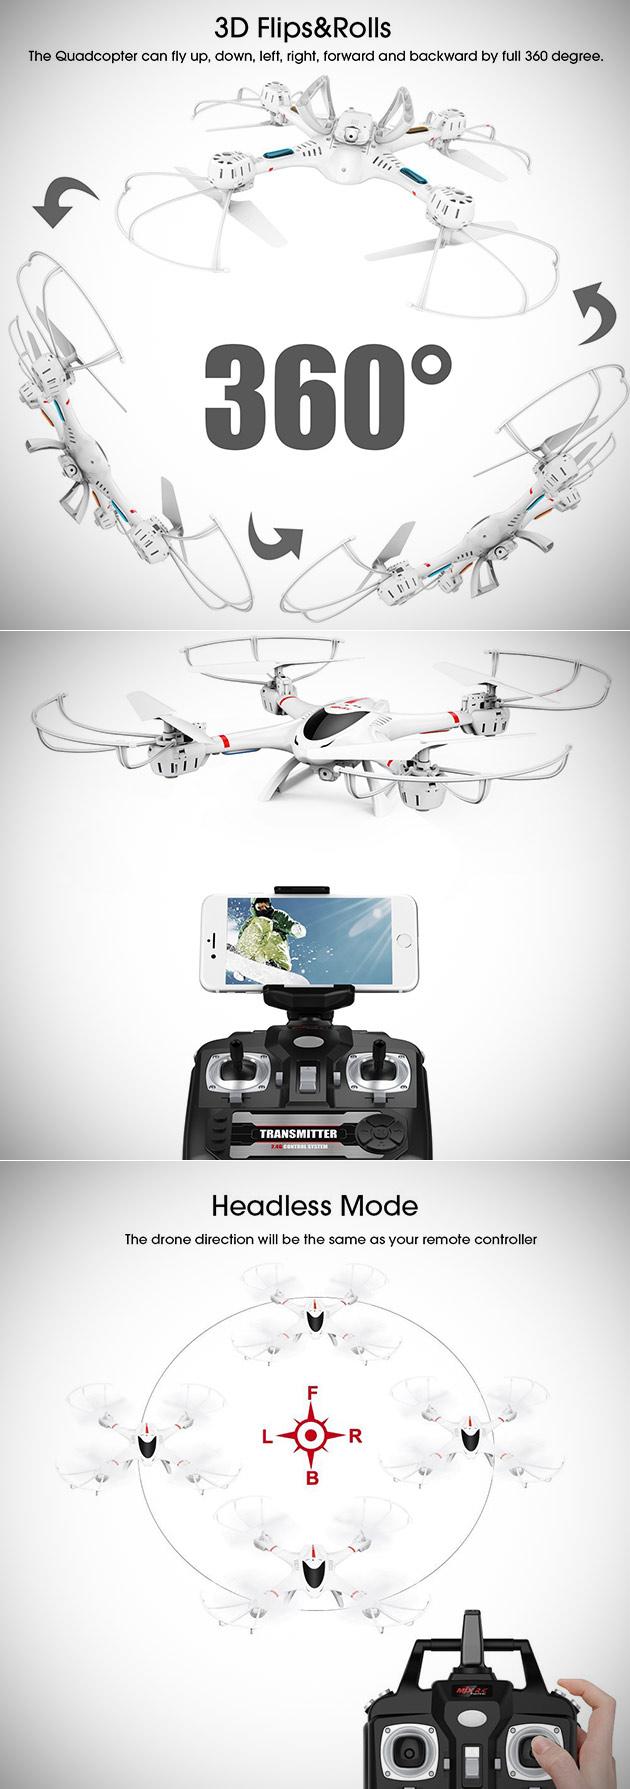 DBPOWER MJX X400W Drone